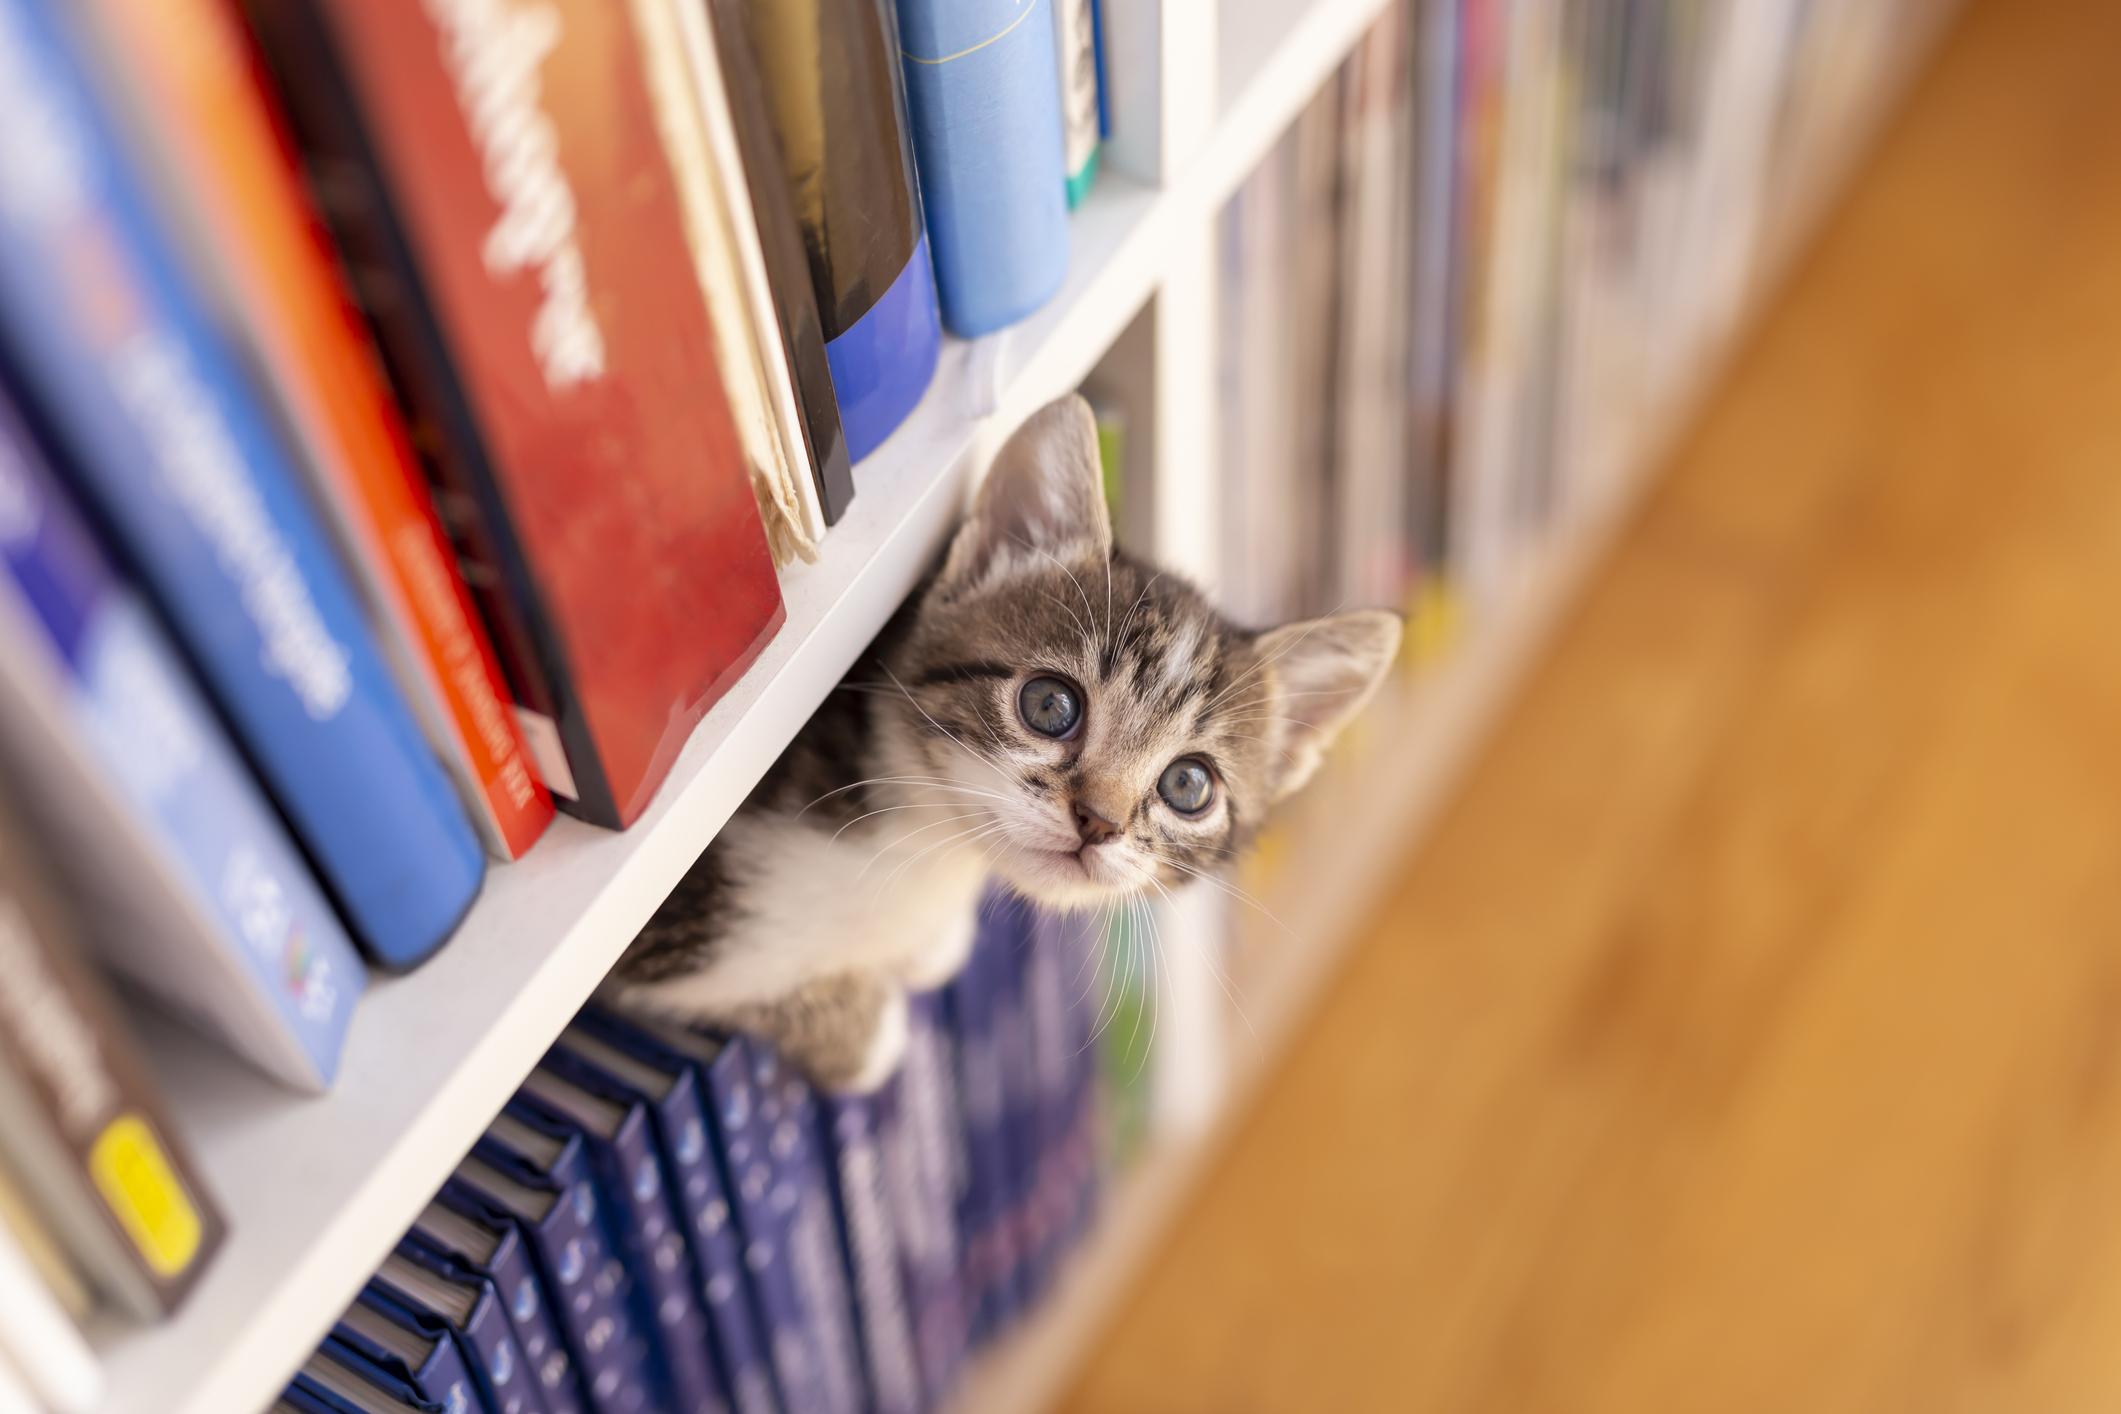 <p>Подредете книгите си - хубаво е книгите да стоят с кориците навън, за да откривате по-лесно тази, която търсите, а и така ще създадете усещане за уют. Не ги подреждайте и прекалено близо една до друга, както и не запълвайте цели рафтове с тях от край до край - оставяйте по малко пространство.</p>